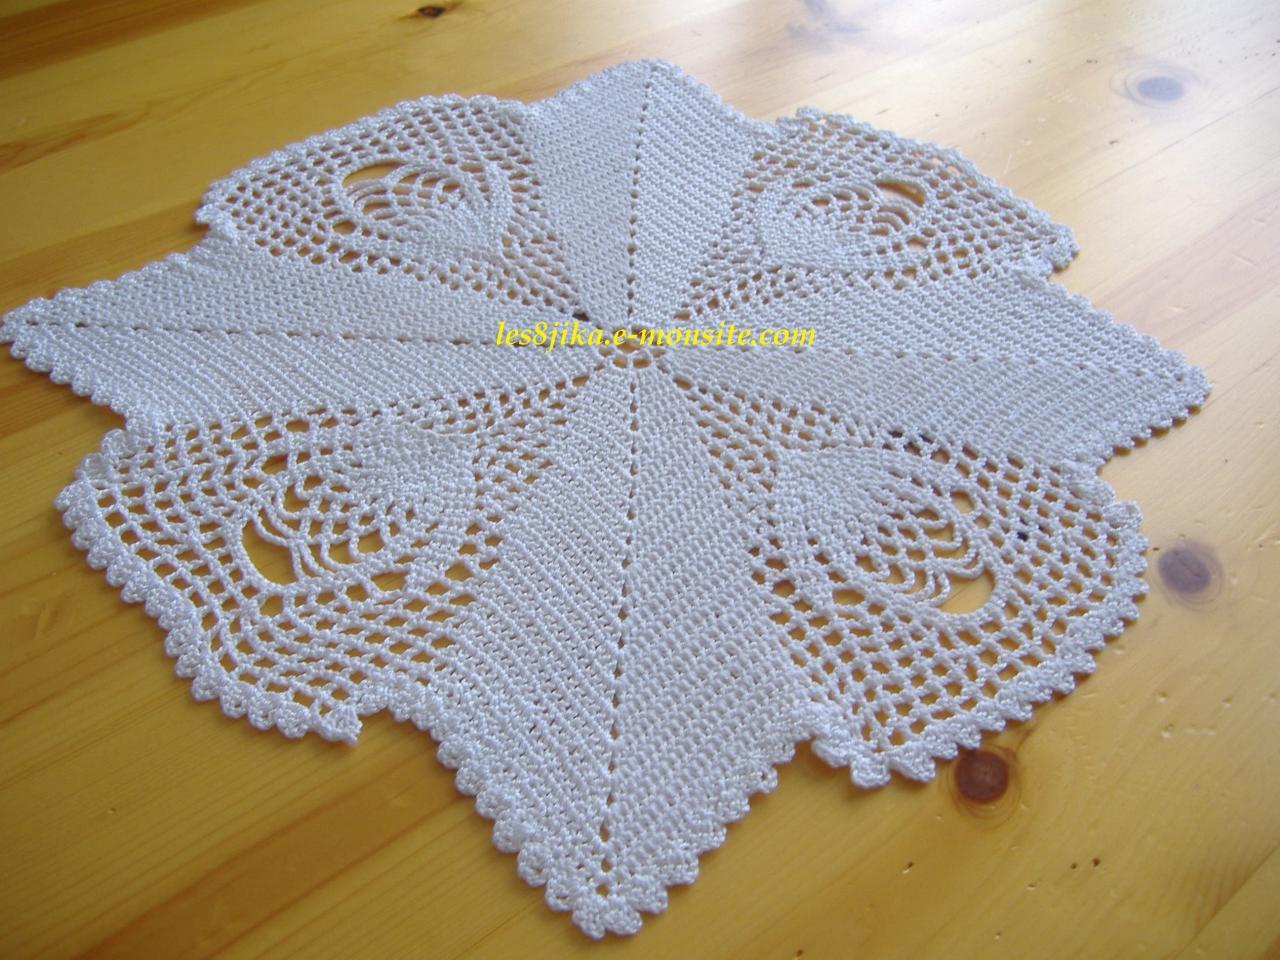 Le crochet des8jika napperon carr bouton d 39 or - Napperon crochet grille gratuite ...